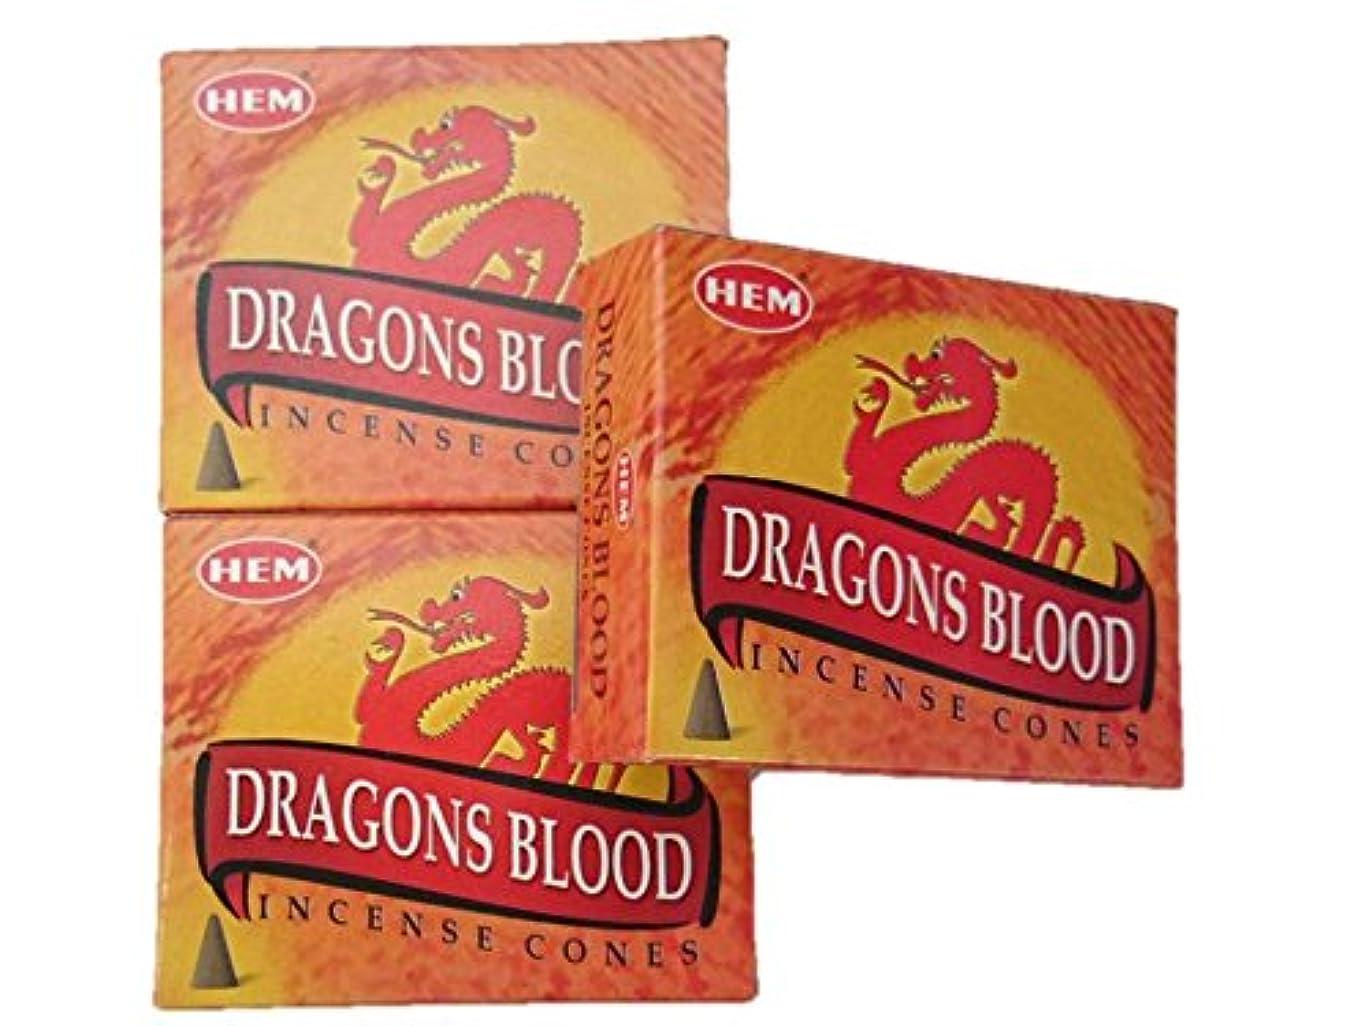 篭均等に信念HEM(ヘム)お香 ドラゴンズ ブラッド コーン 3個セット